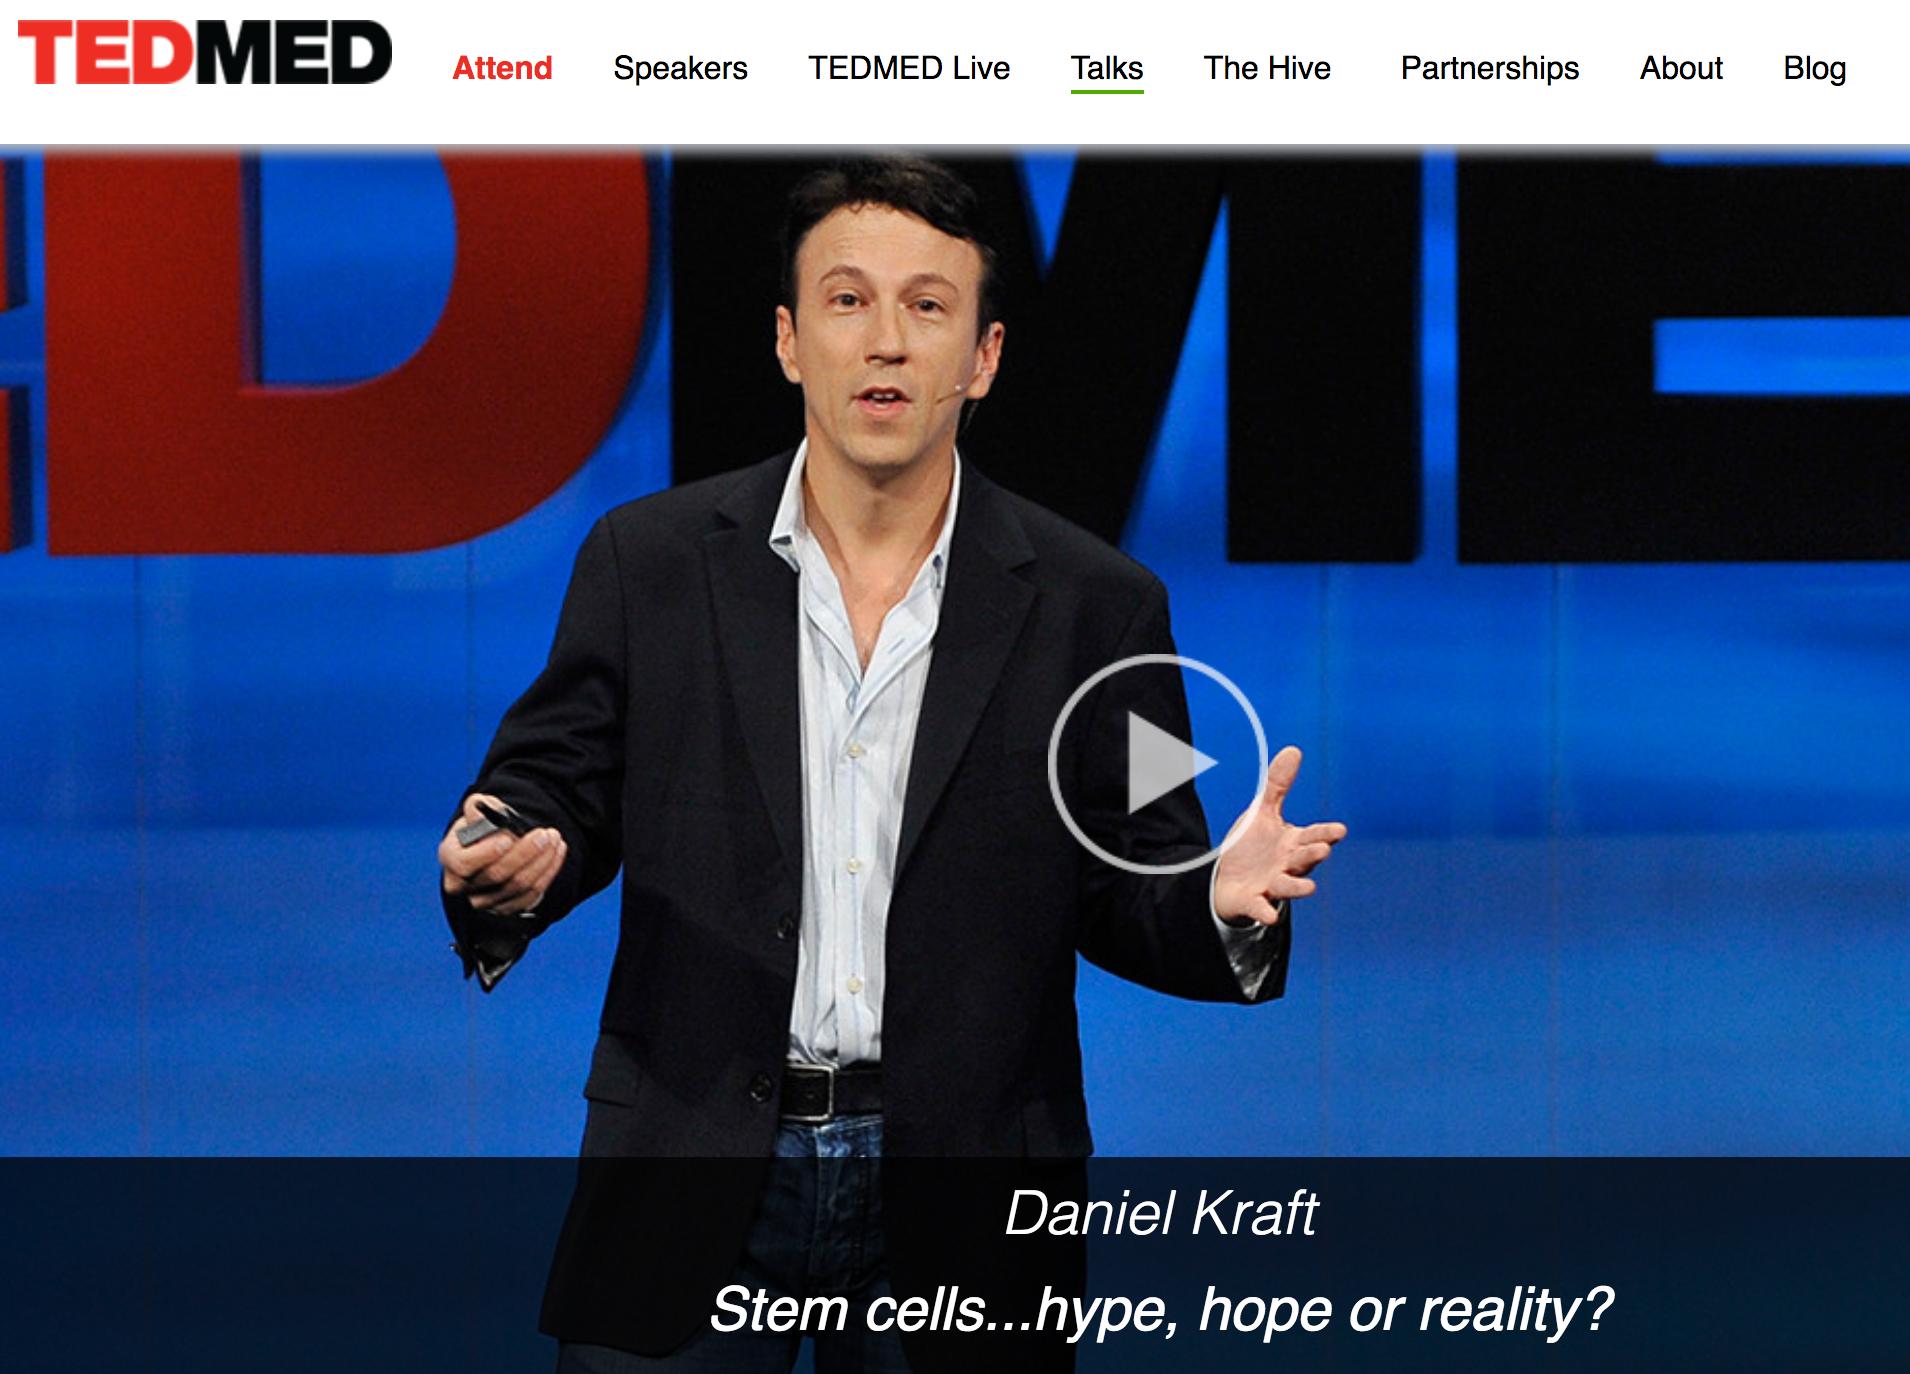 TEDMED Talk: On Stem Cell Biology and Regenerative Medicine